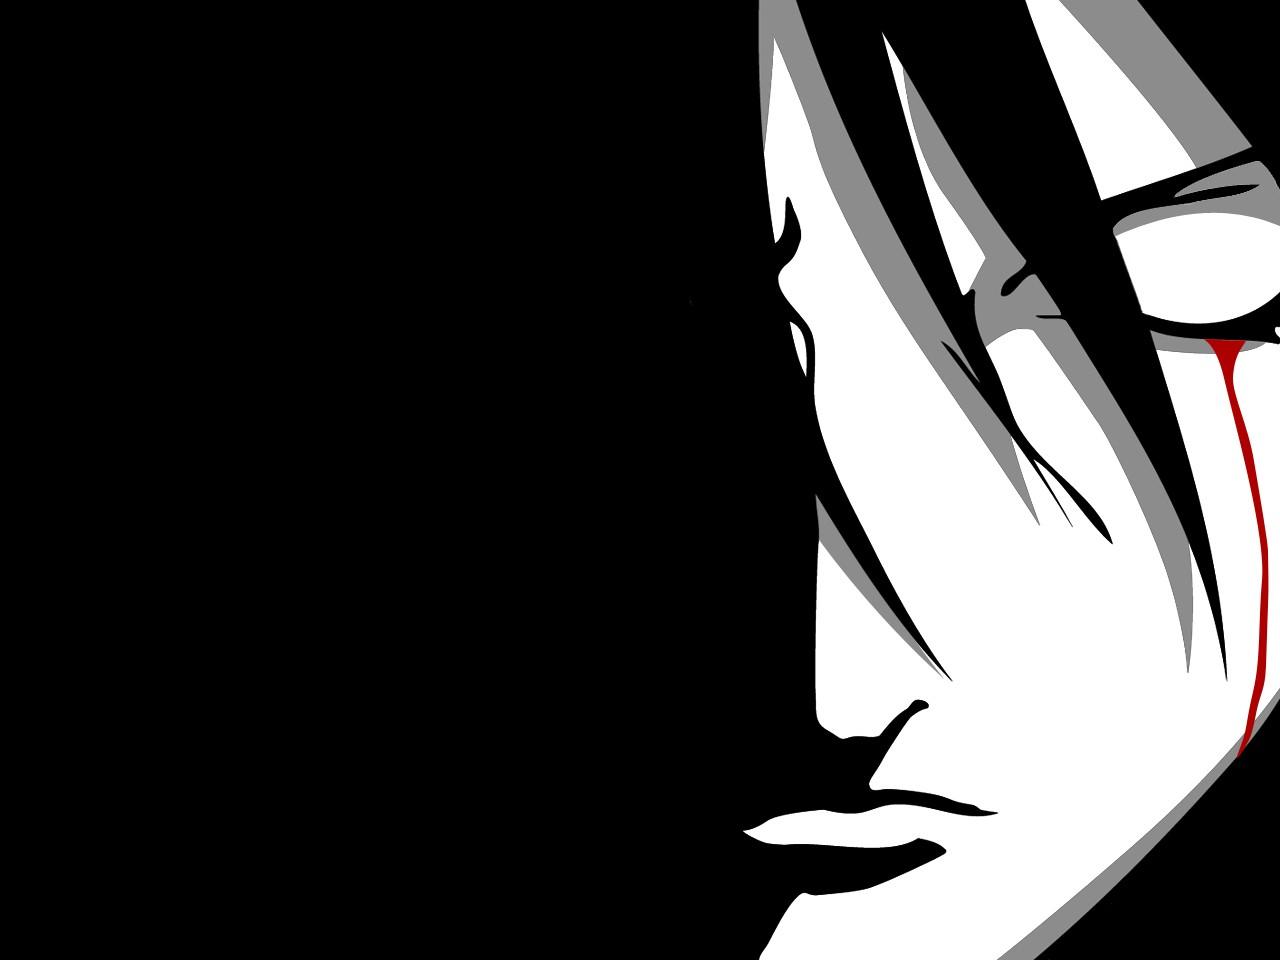 Wallpaper : Illustration, Closed Eyes, Cartoon, Naruto